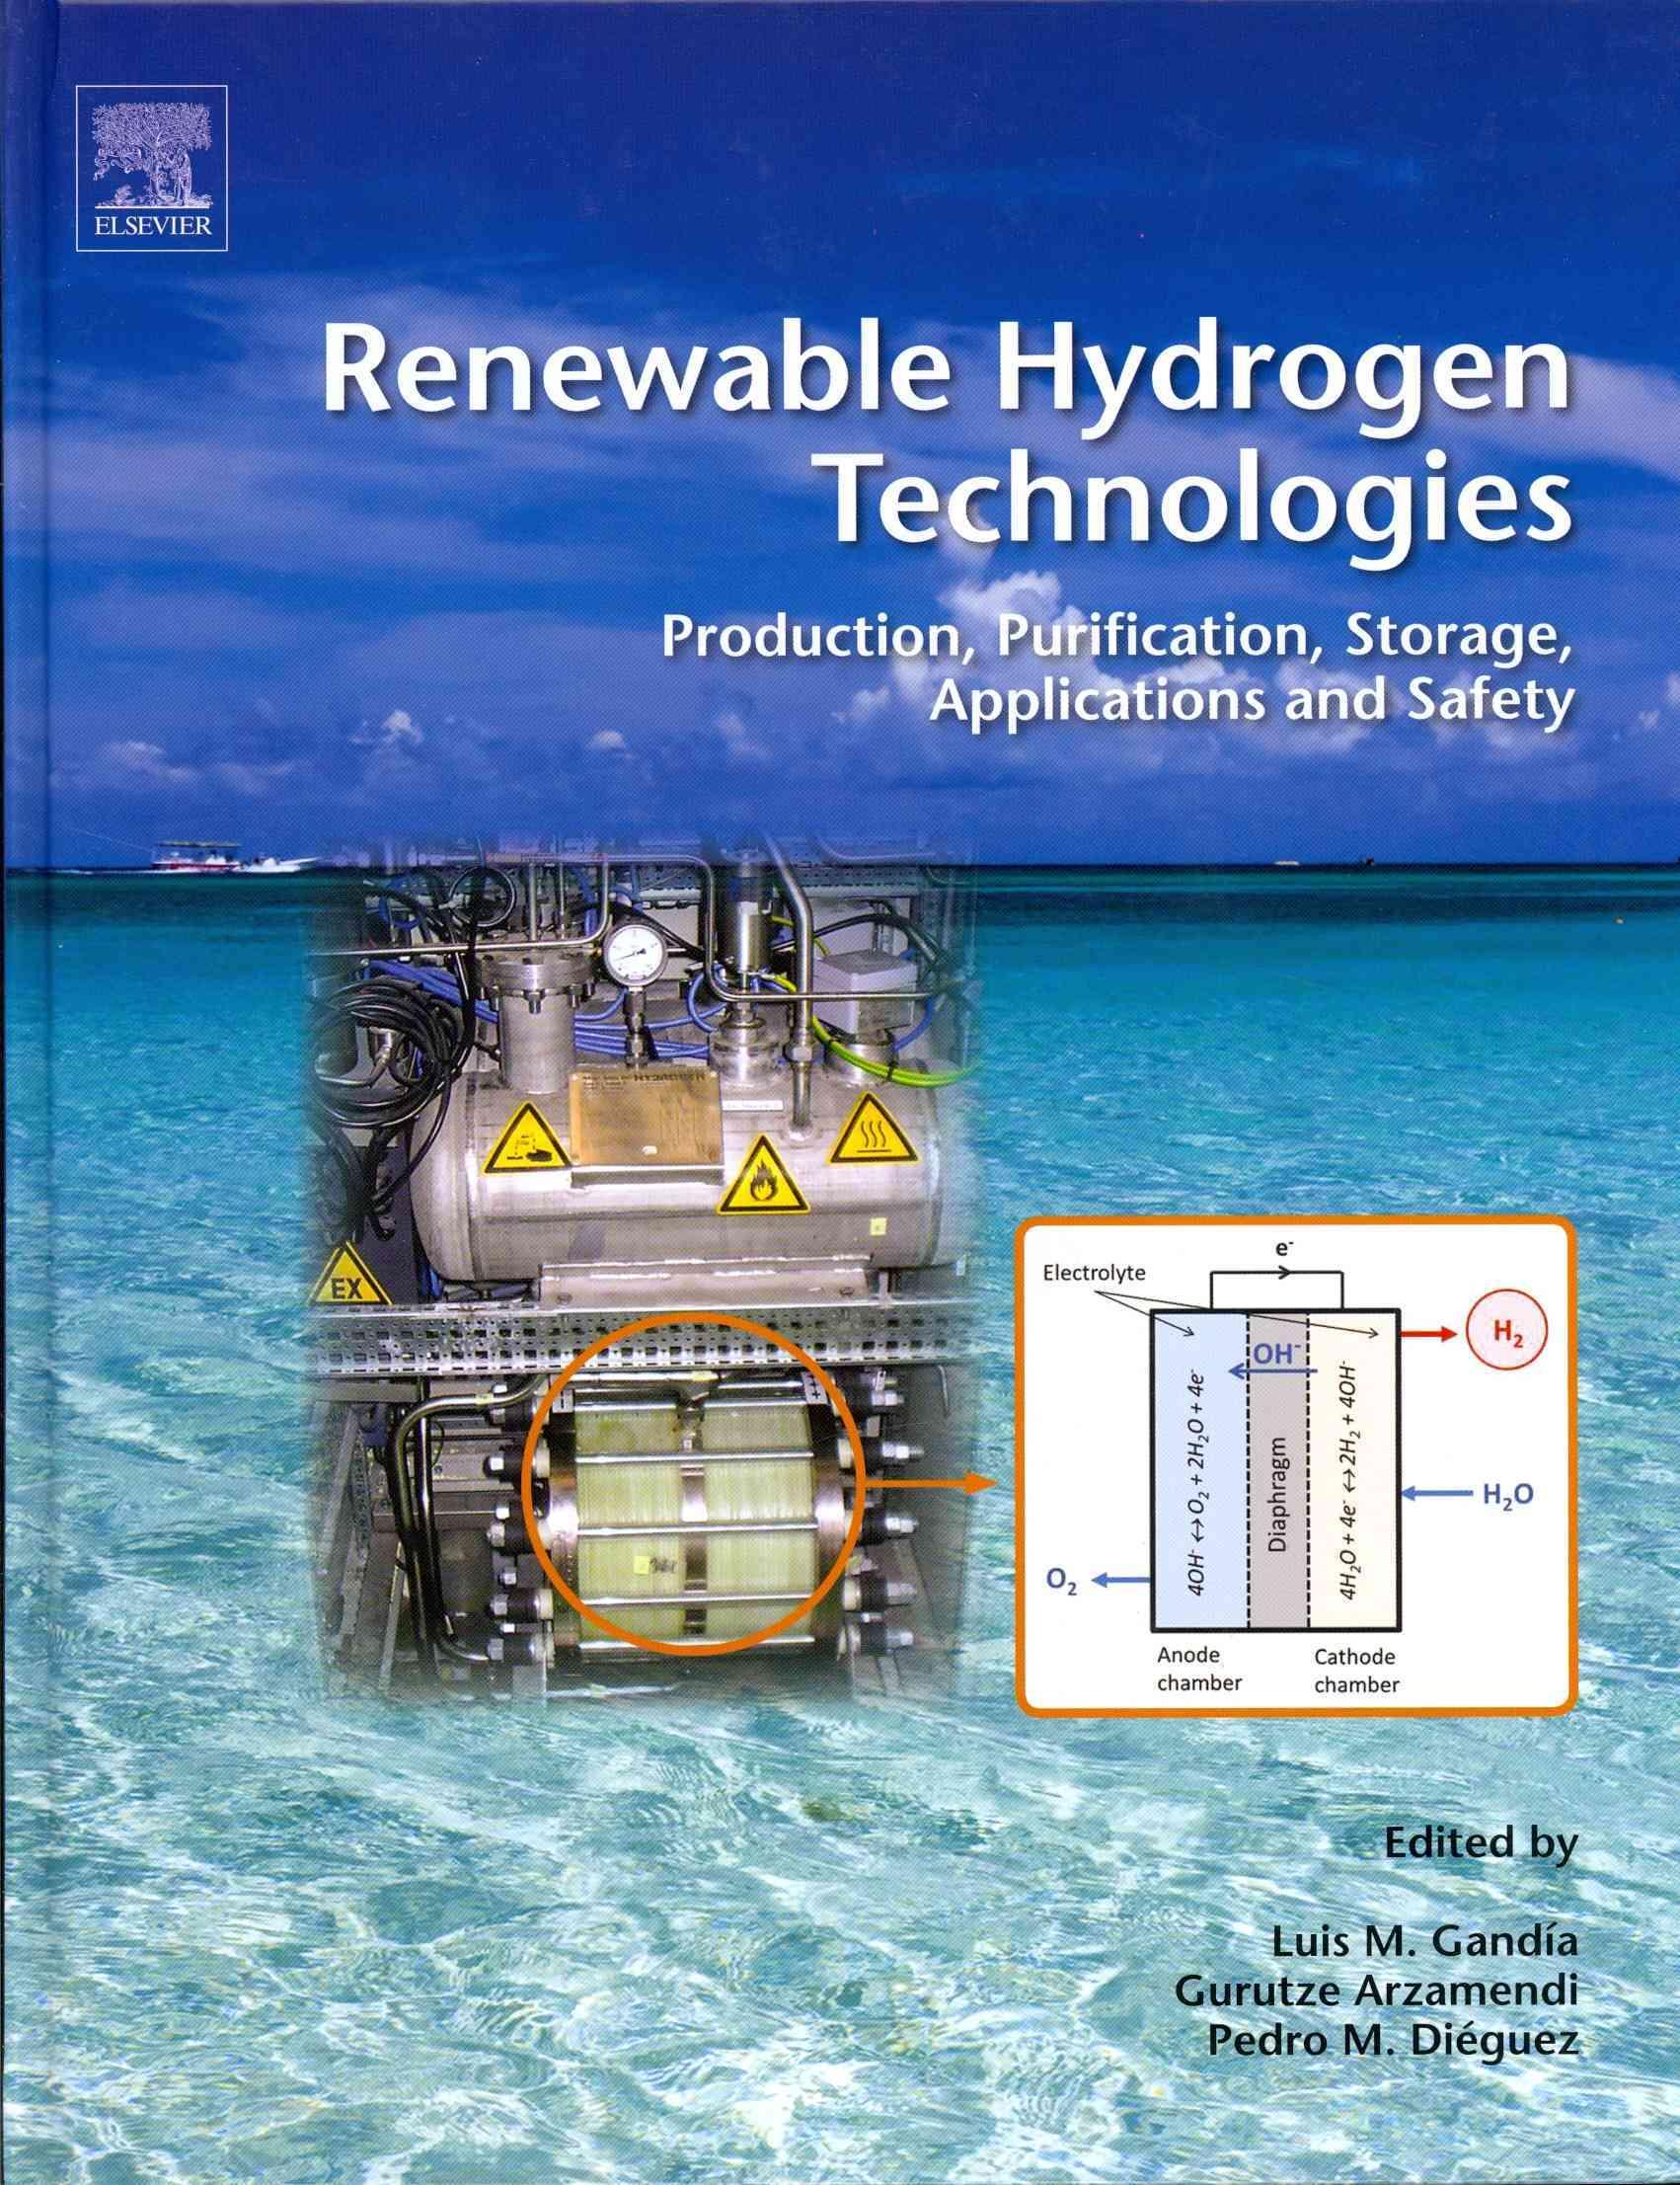 Renewable Hydrogen Technologies By Gandia, Luis M. (EDT)/ Arzamedi, Gurutze (EDT)/ Dieguez, Pedro M. (EDT)